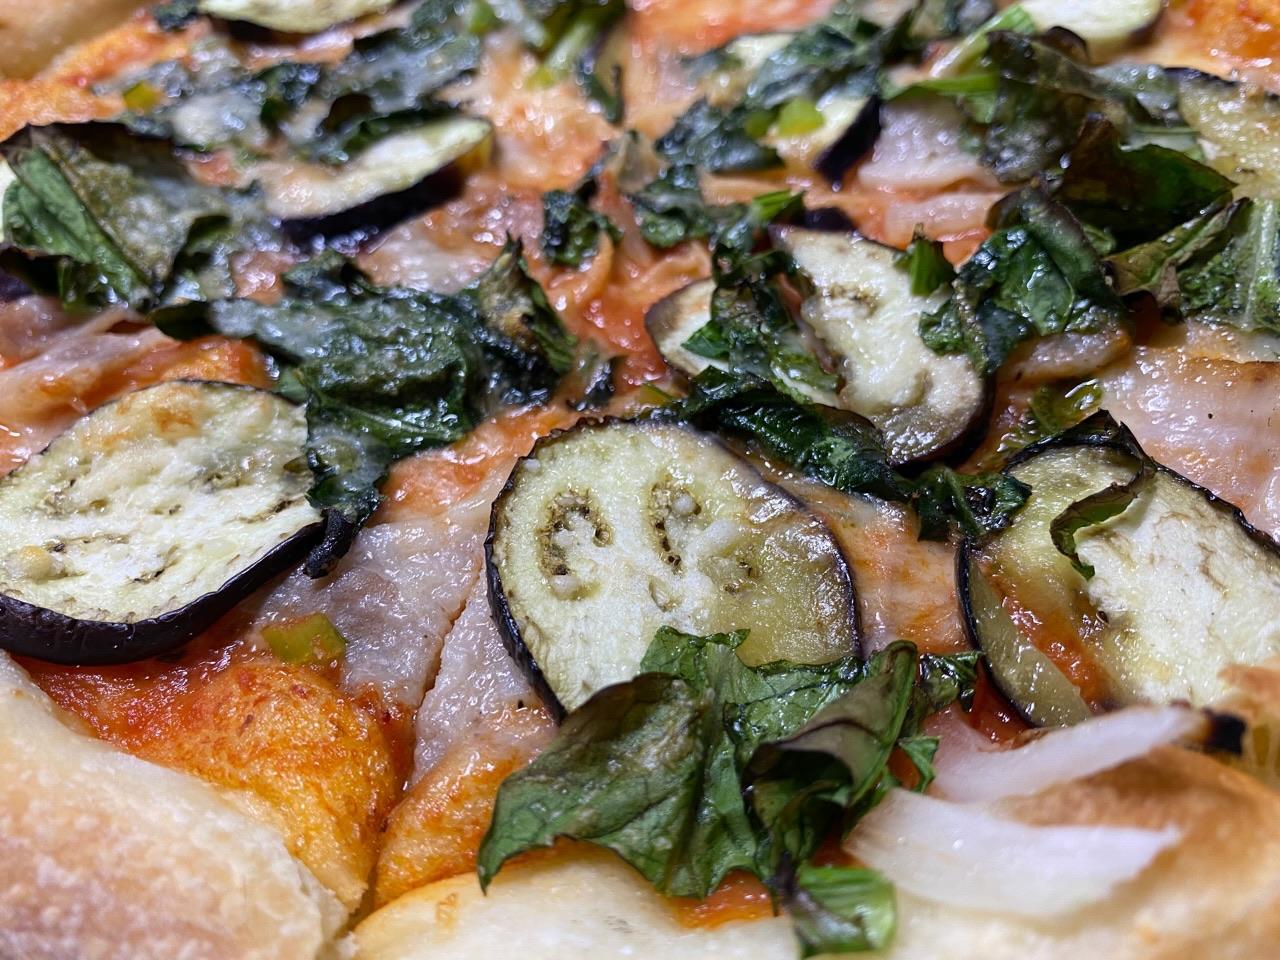 オルトラーナ (パンチェッタと季節野菜) トマトベース ピッツァ https://t.co/GGBaJQMcqt